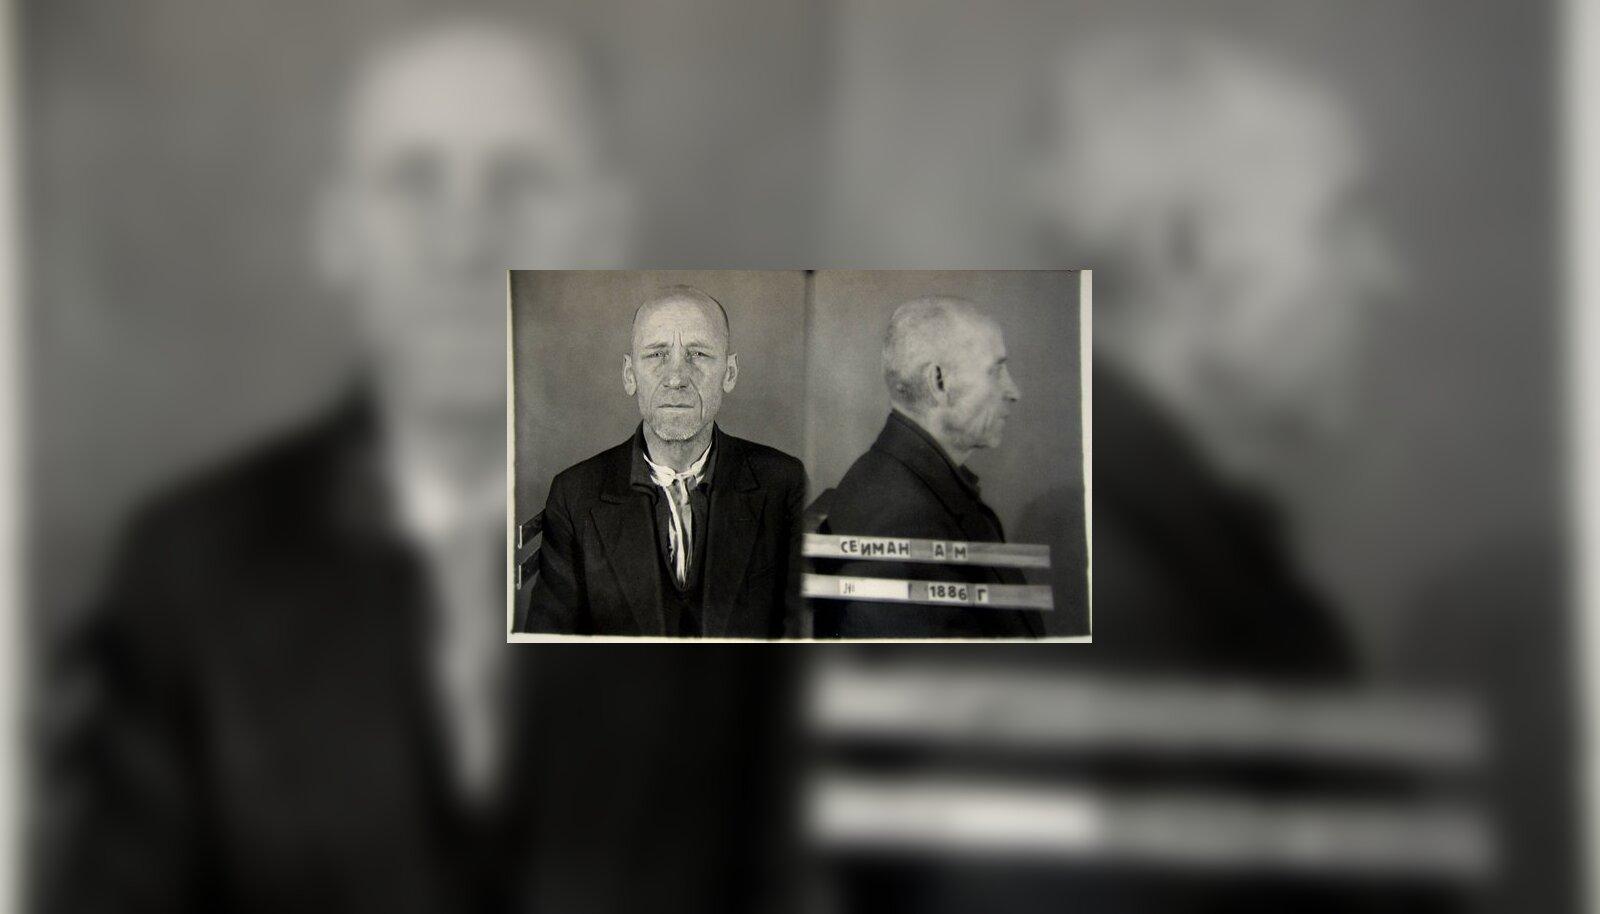 11f86bb504d TAAS VANGLAS: Kolonel Aleksander Seiman NKVD vangina 1941. Eesti Filmiarhiiv